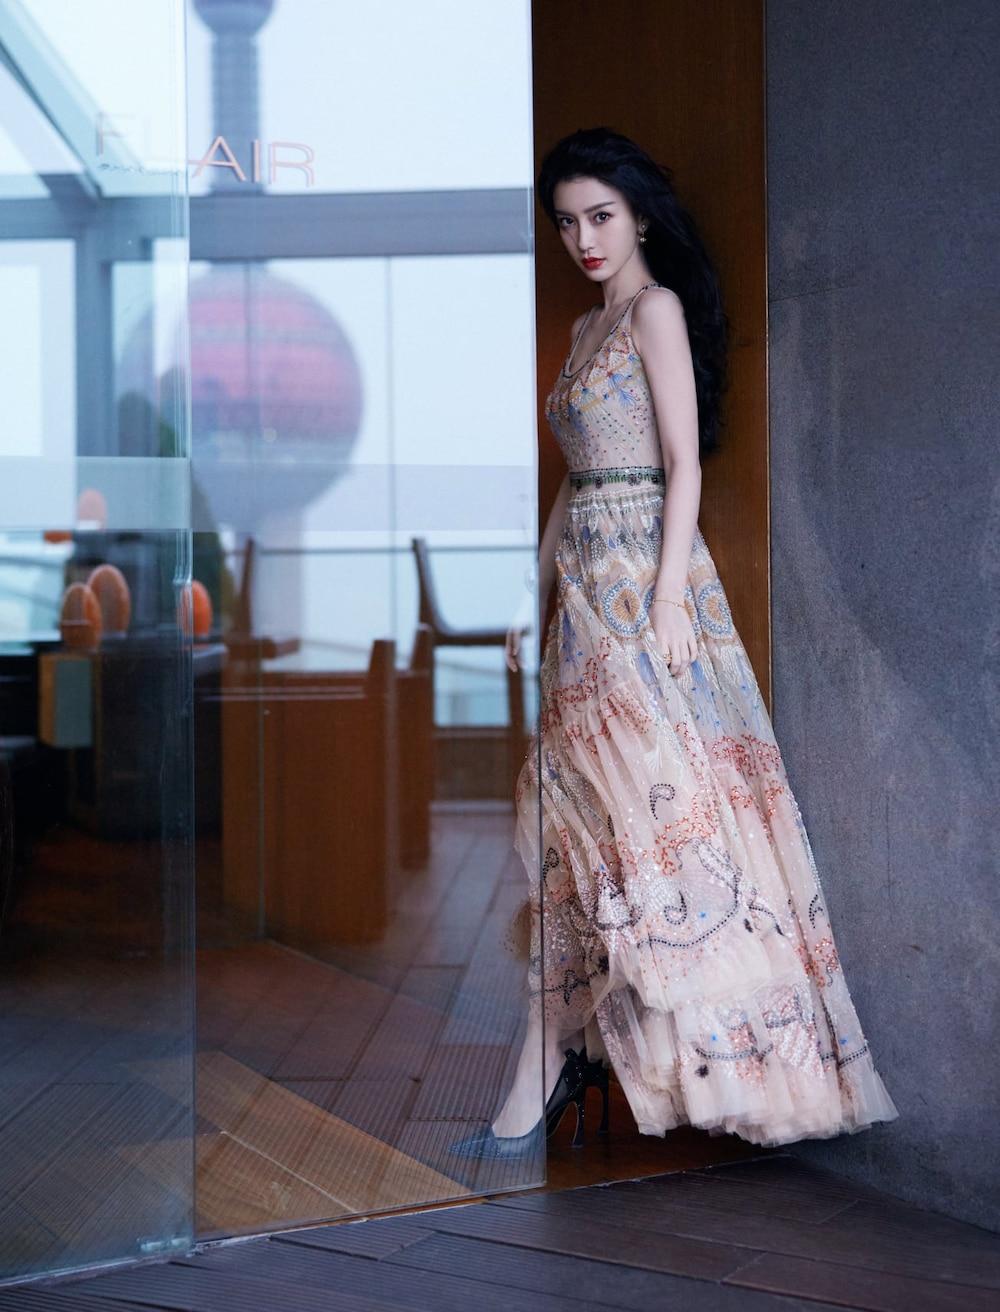 Mỹ nhân 8x chọn cho mình kiểu váy hai dây vải tuyn với họa tiết thổ cẩm cùng phong cách nữ tính như mọi khi